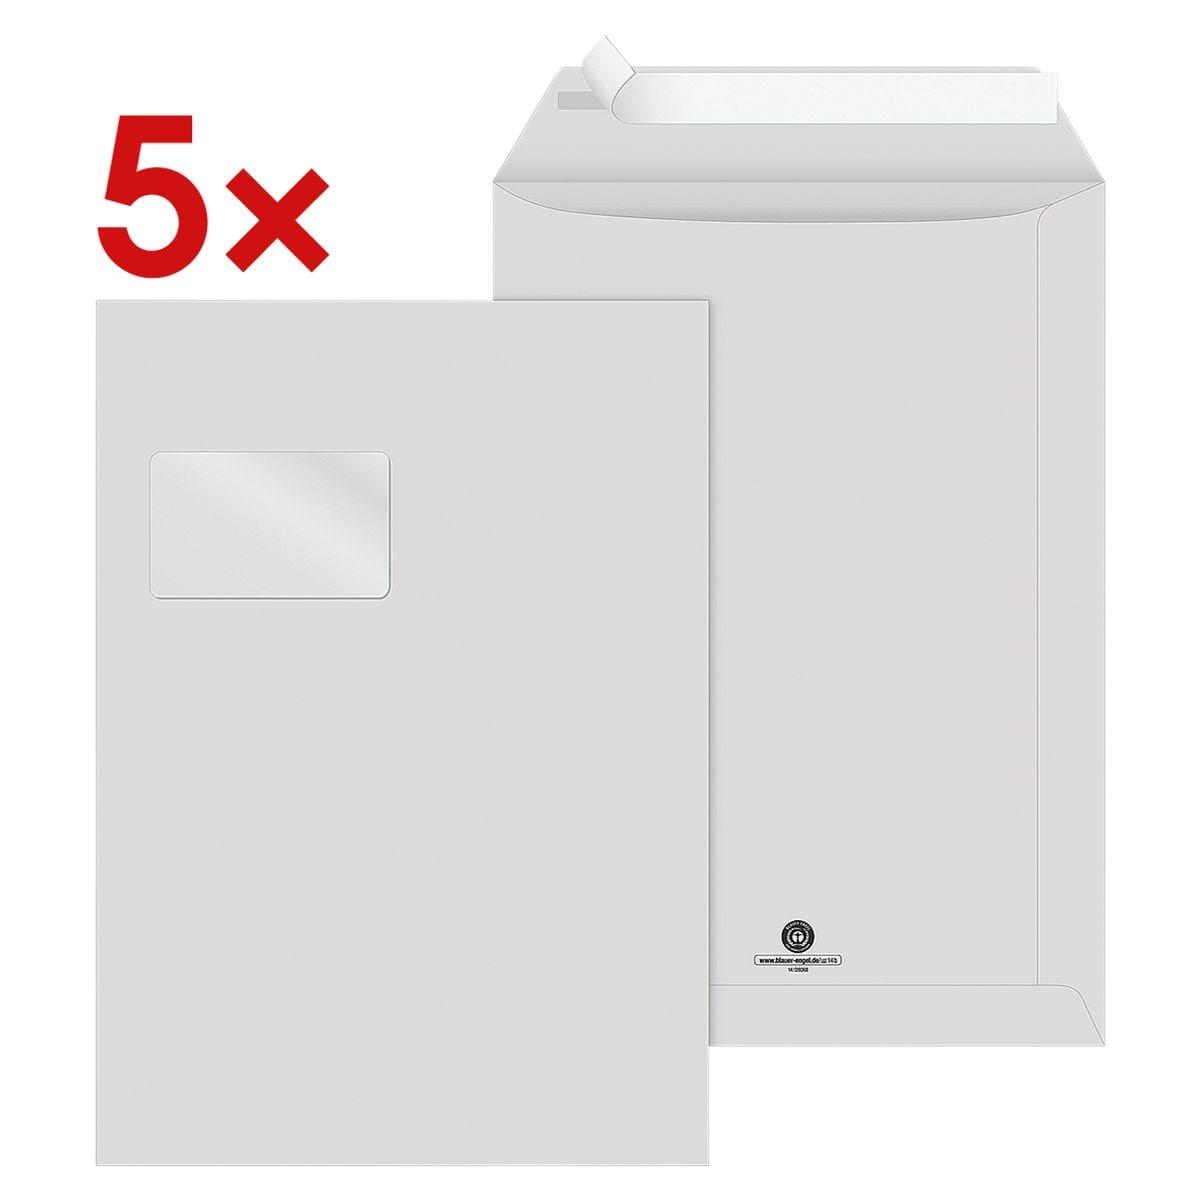 Recycling Briefumschläge Steinmetz NACHHALTIG, C4 100 g/m² mit Fenster - 75 Stück